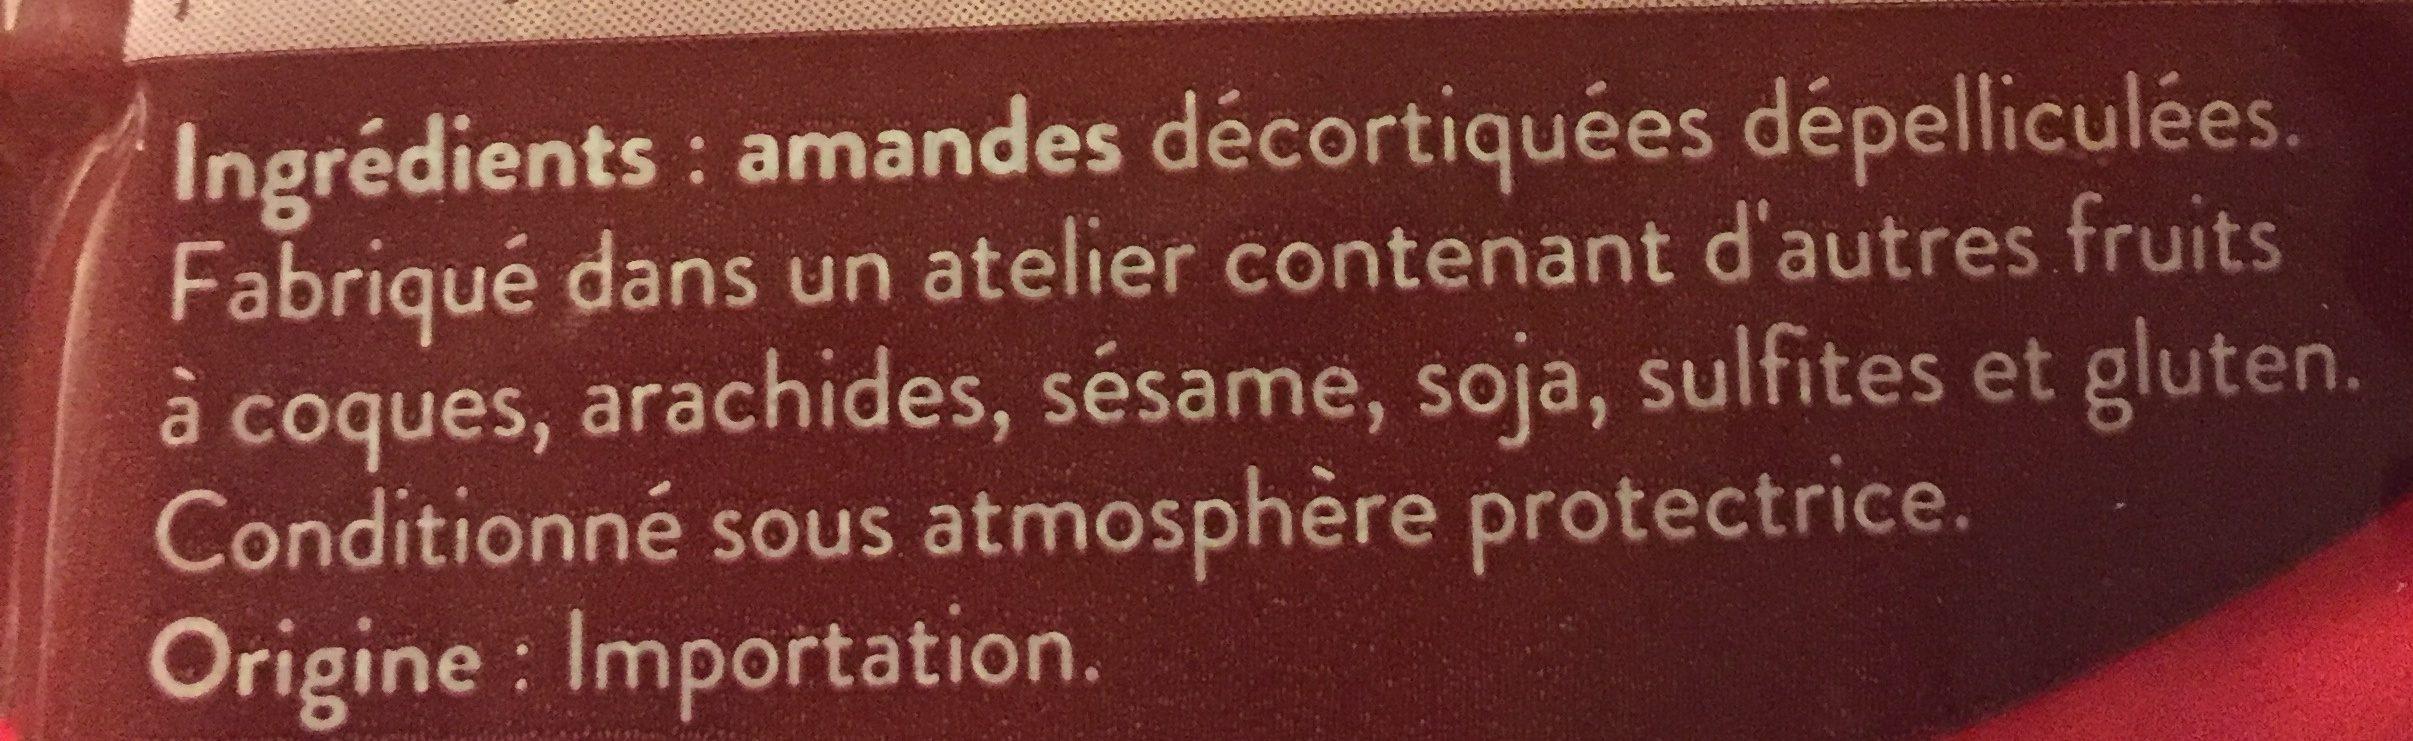 Amandes Effilées - Ingrédients - fr